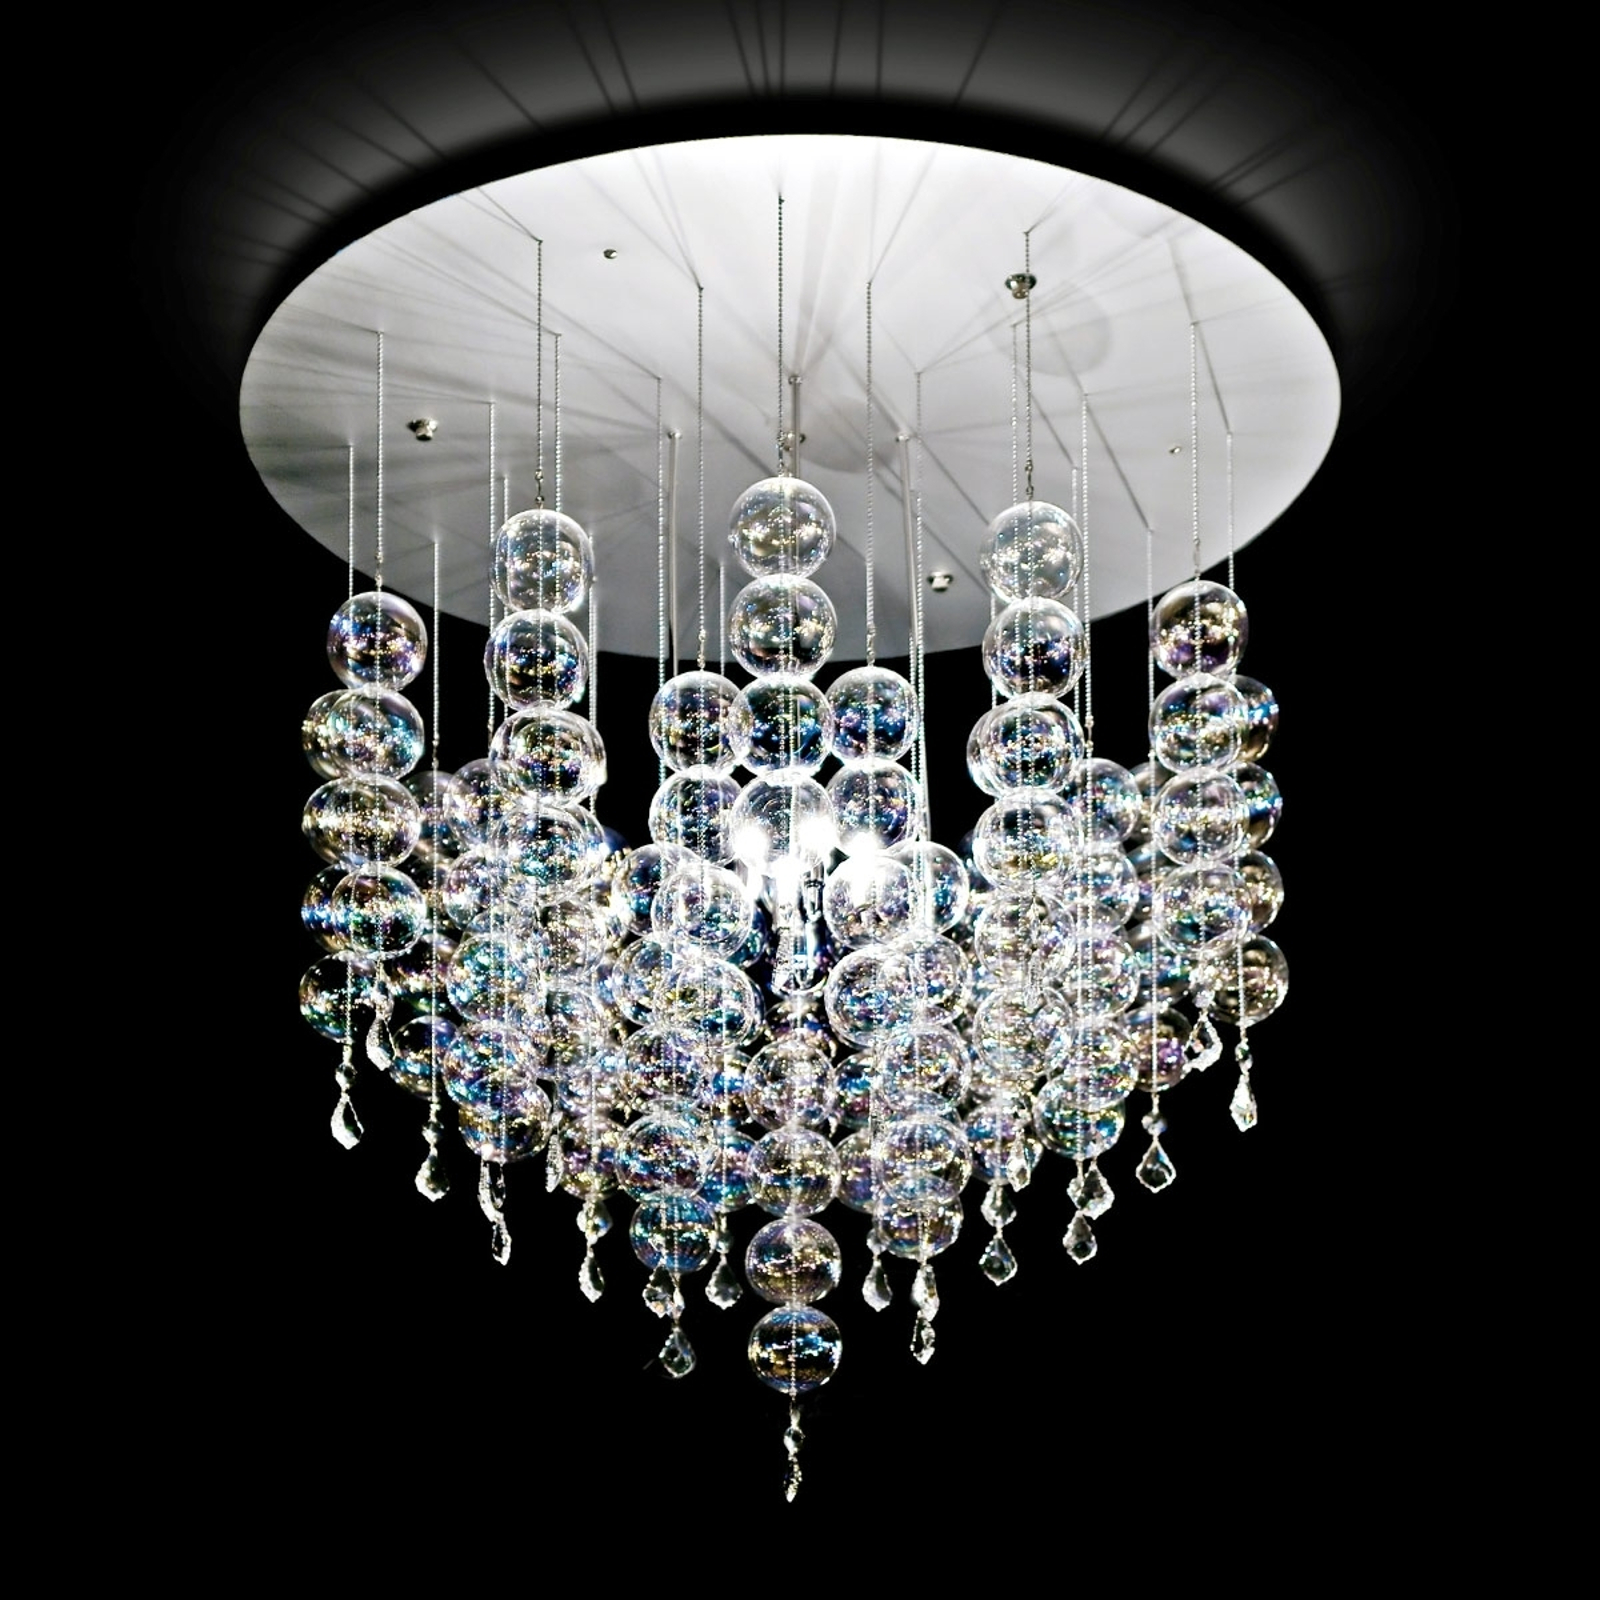 Soap - lampa wisząca ze szlachetnymi szklan kulami